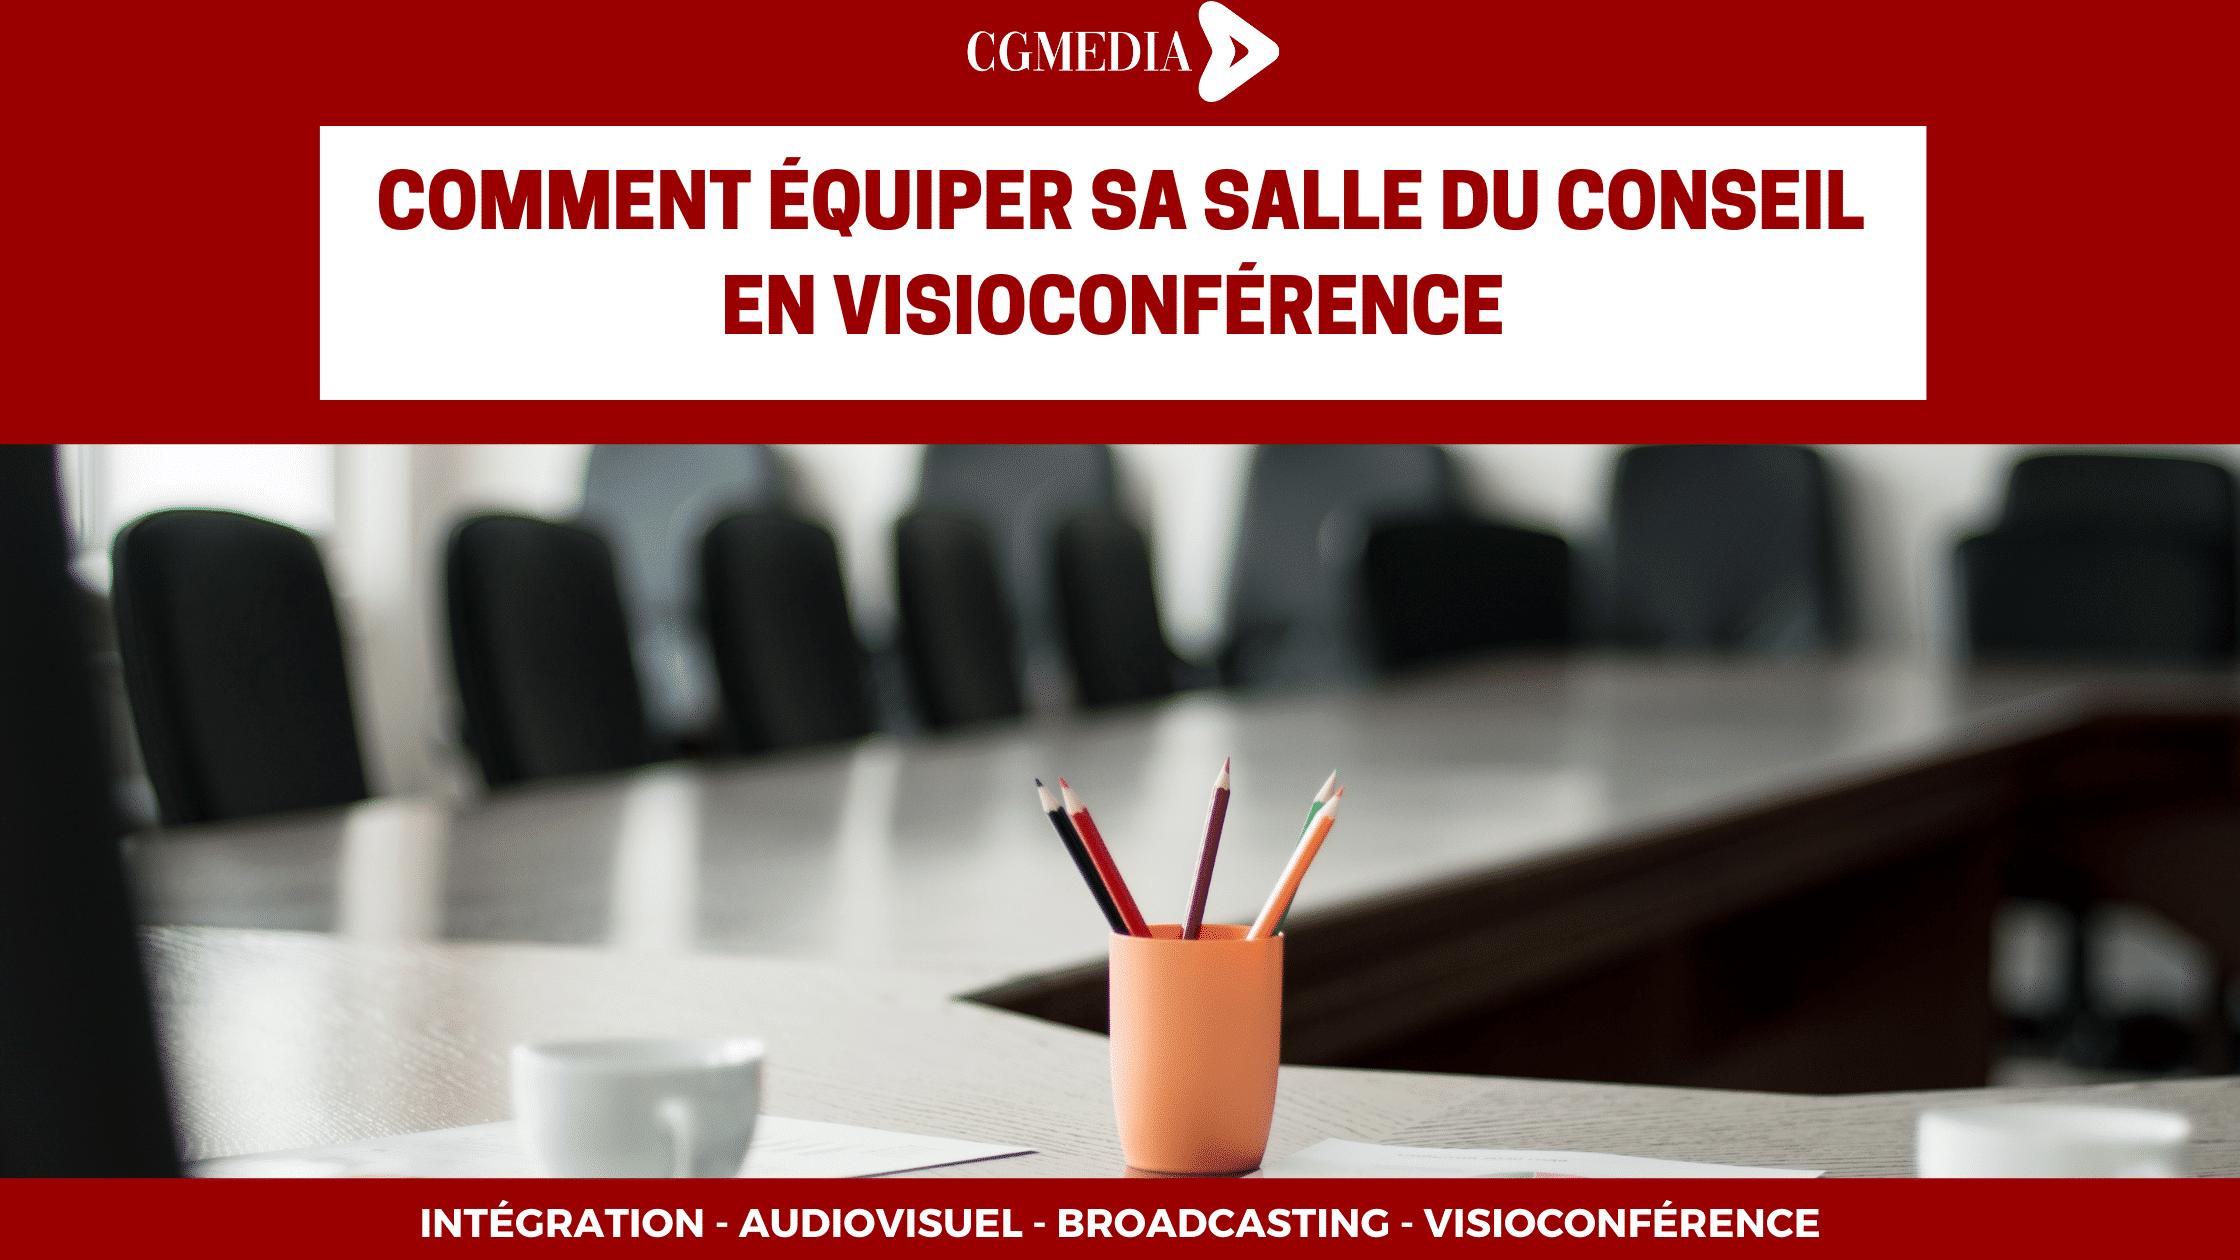 comment équiper sa salle du conseil en visioconférence - CGMEDIA